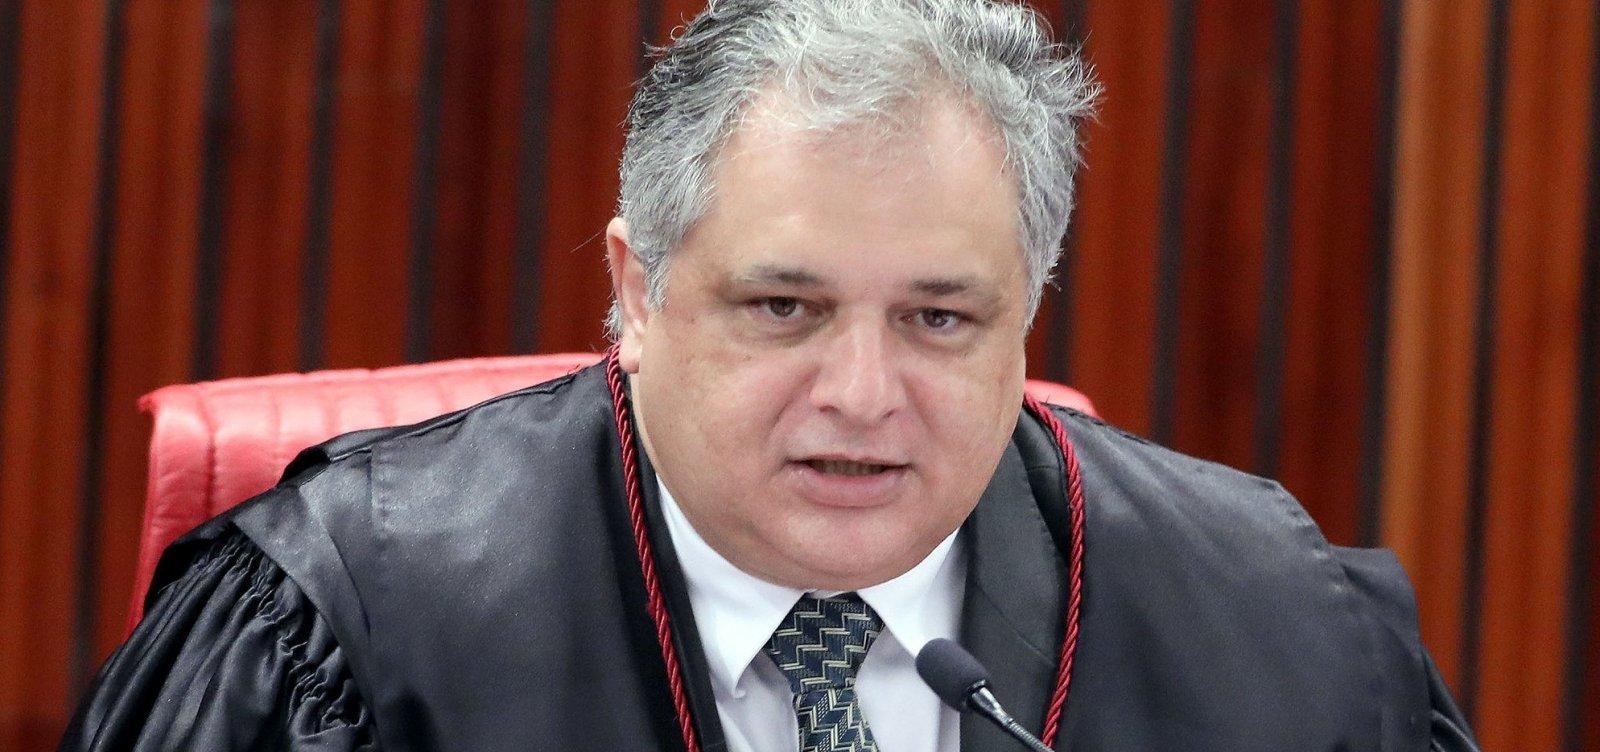 Procurador eleitoral diz que volume de 'fake news' nas eleições 'não é alarmante'